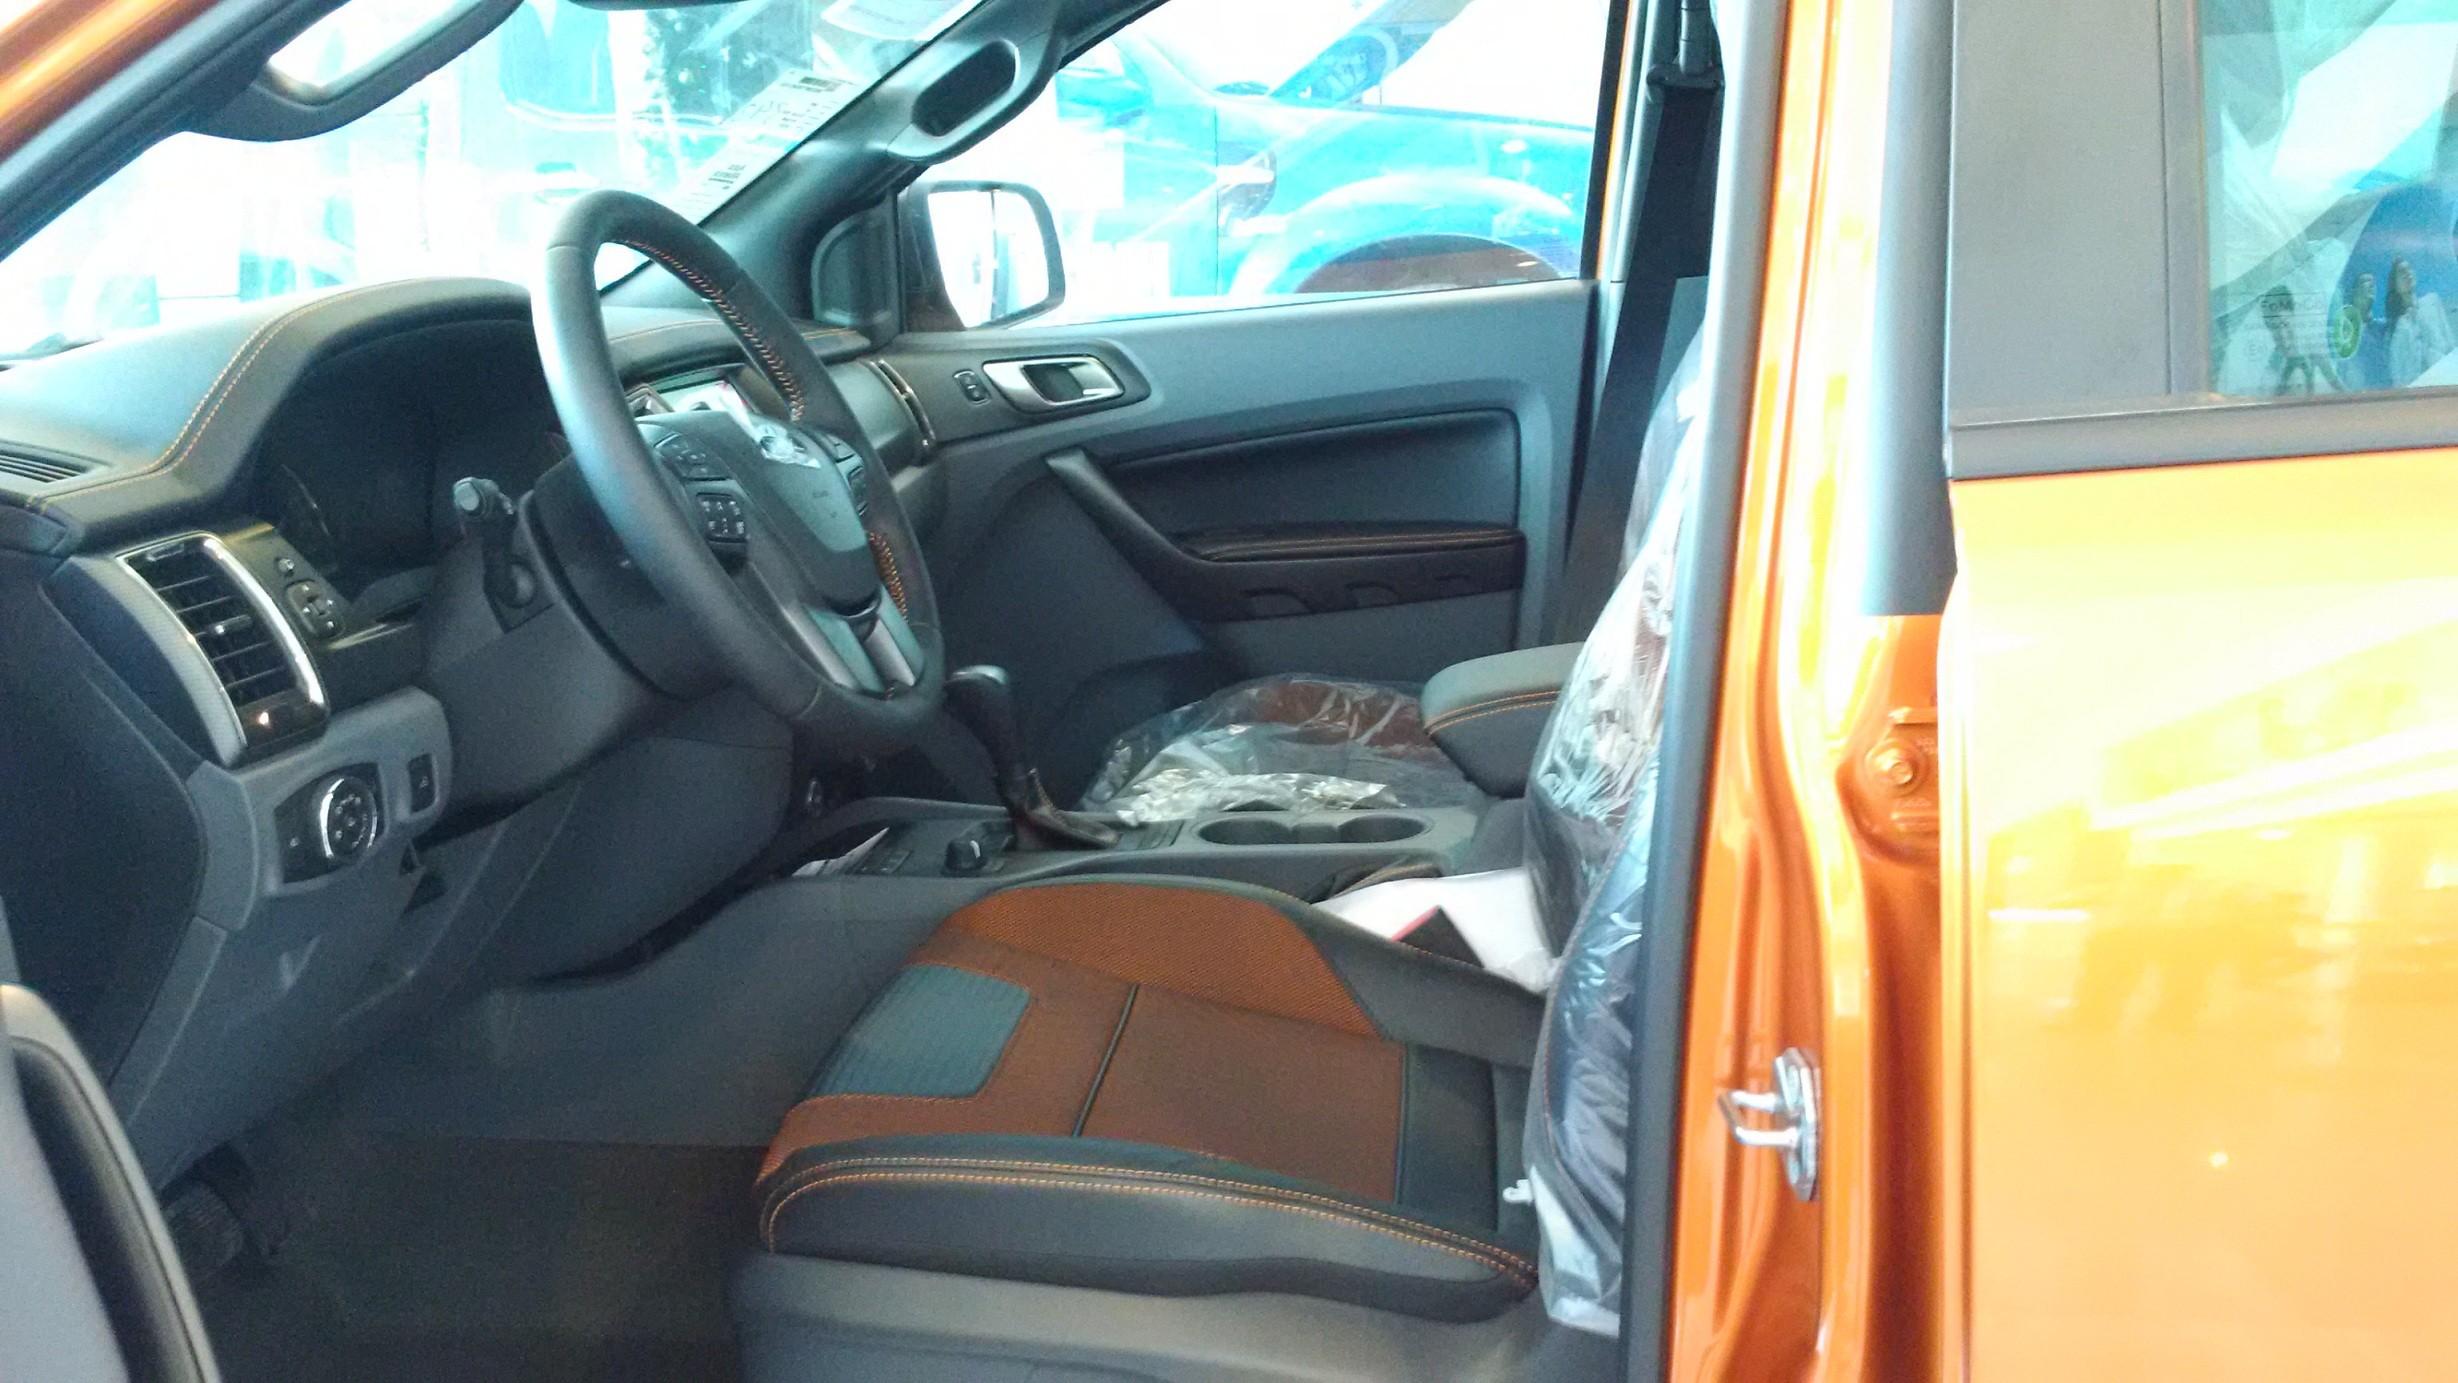 Bán xe Ford Ranger Wildtrak 3.2 AT xe giao ngay, giá ưu đãi Ảnh số 38492498